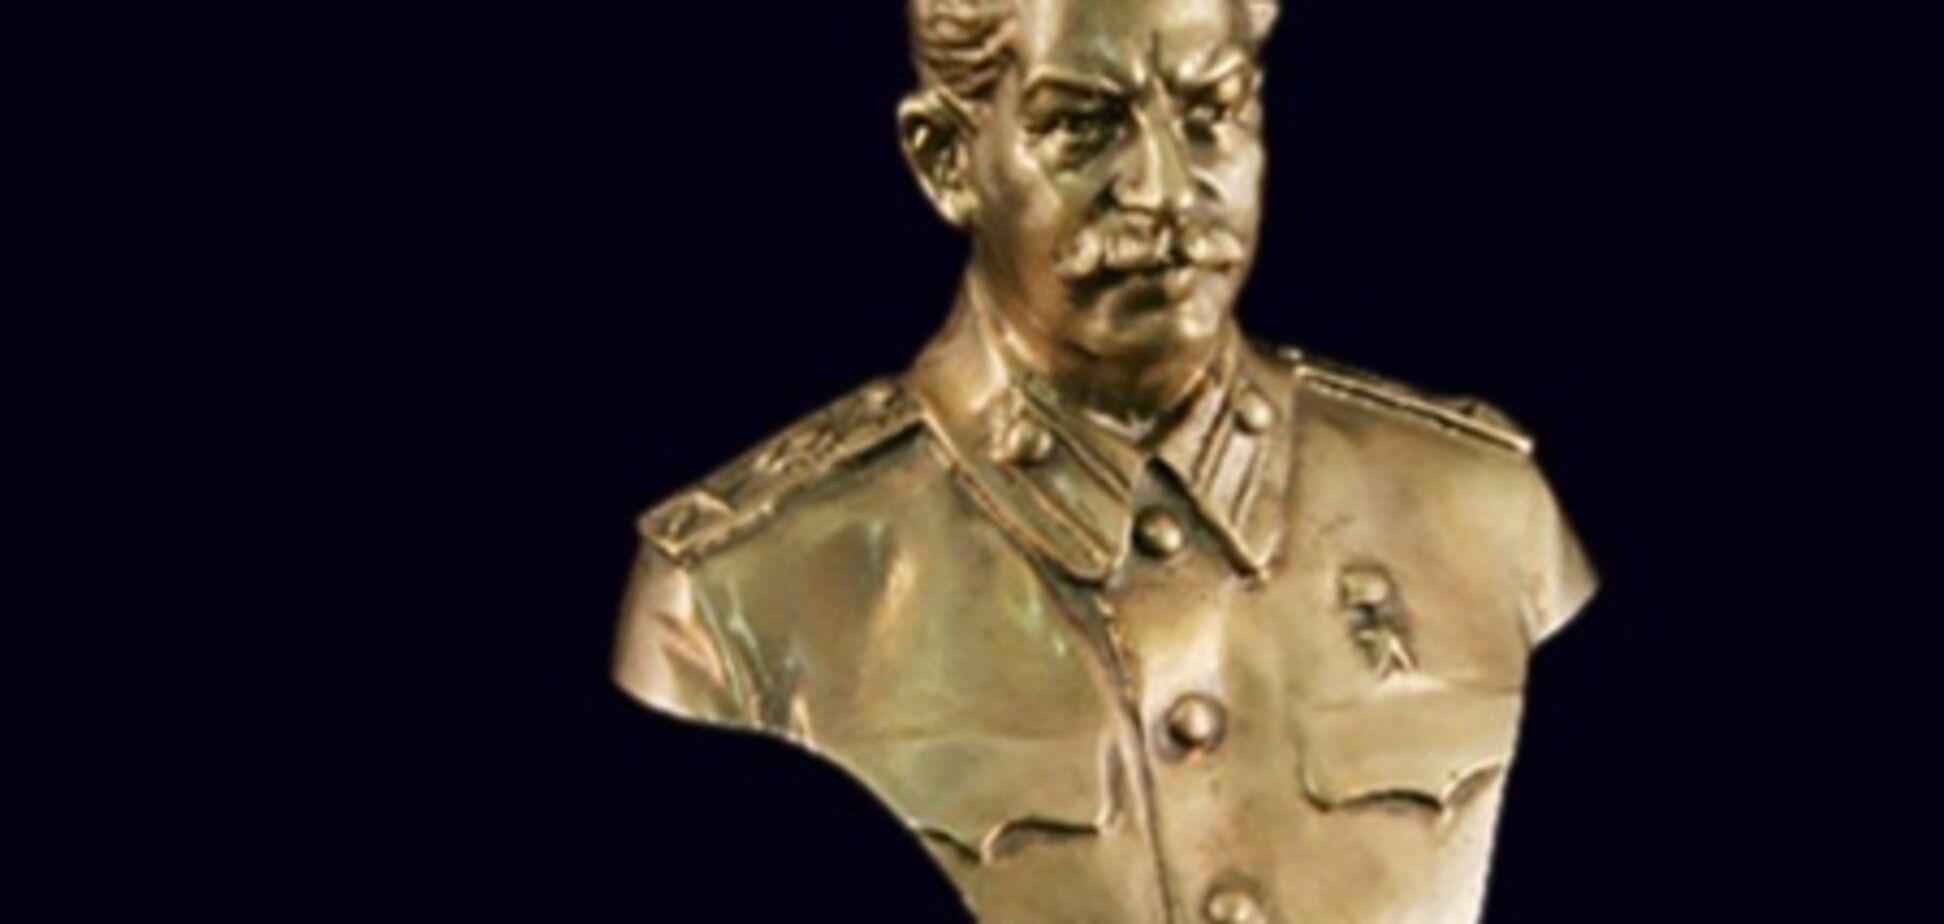 На Одещині викрали пам'ятник Сталіну